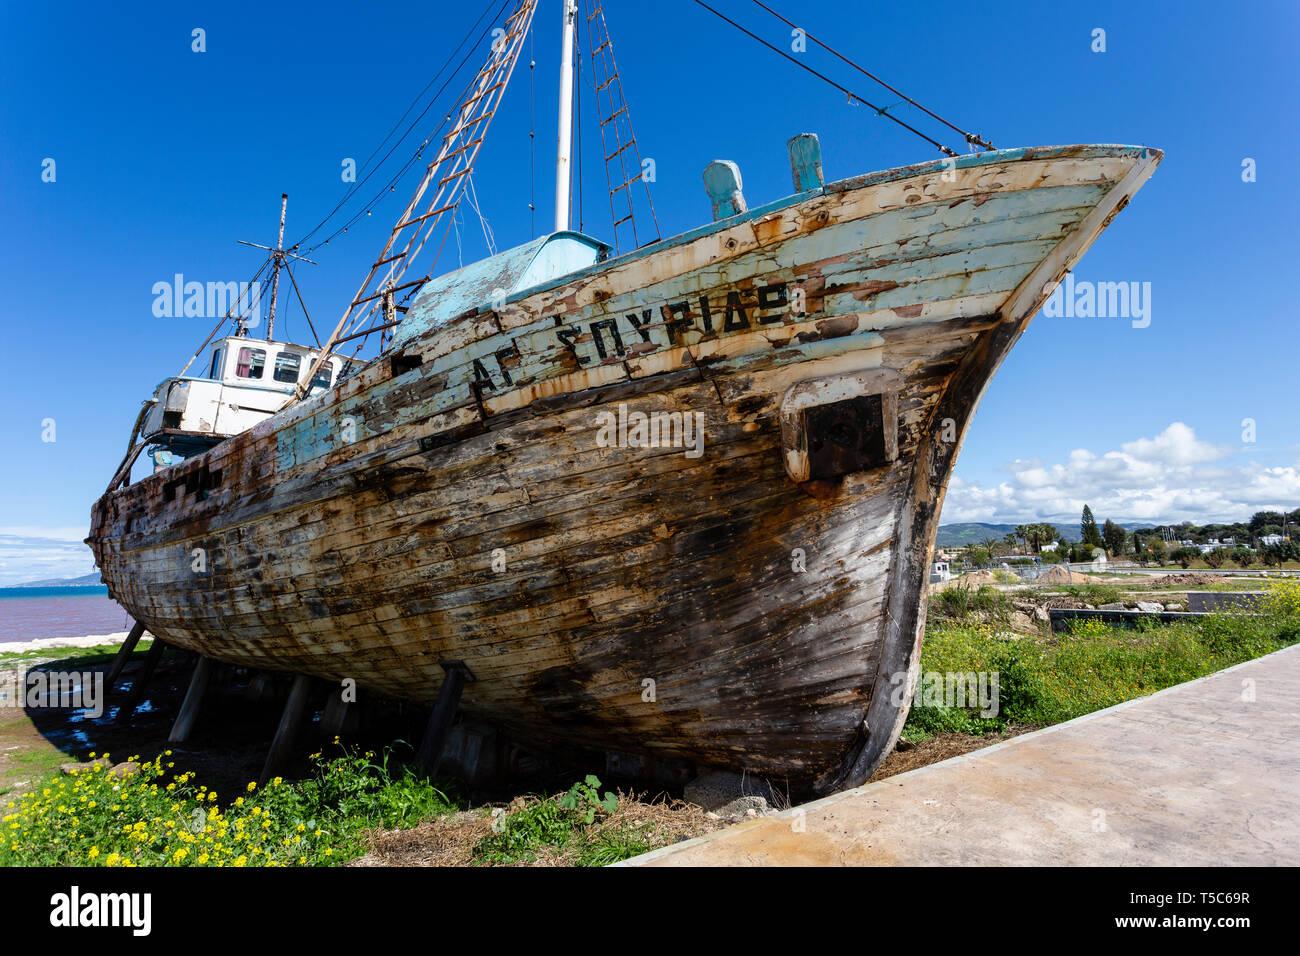 Abandoned fishing boat, Polis harbour, Northwest Cyprus - Stock Image